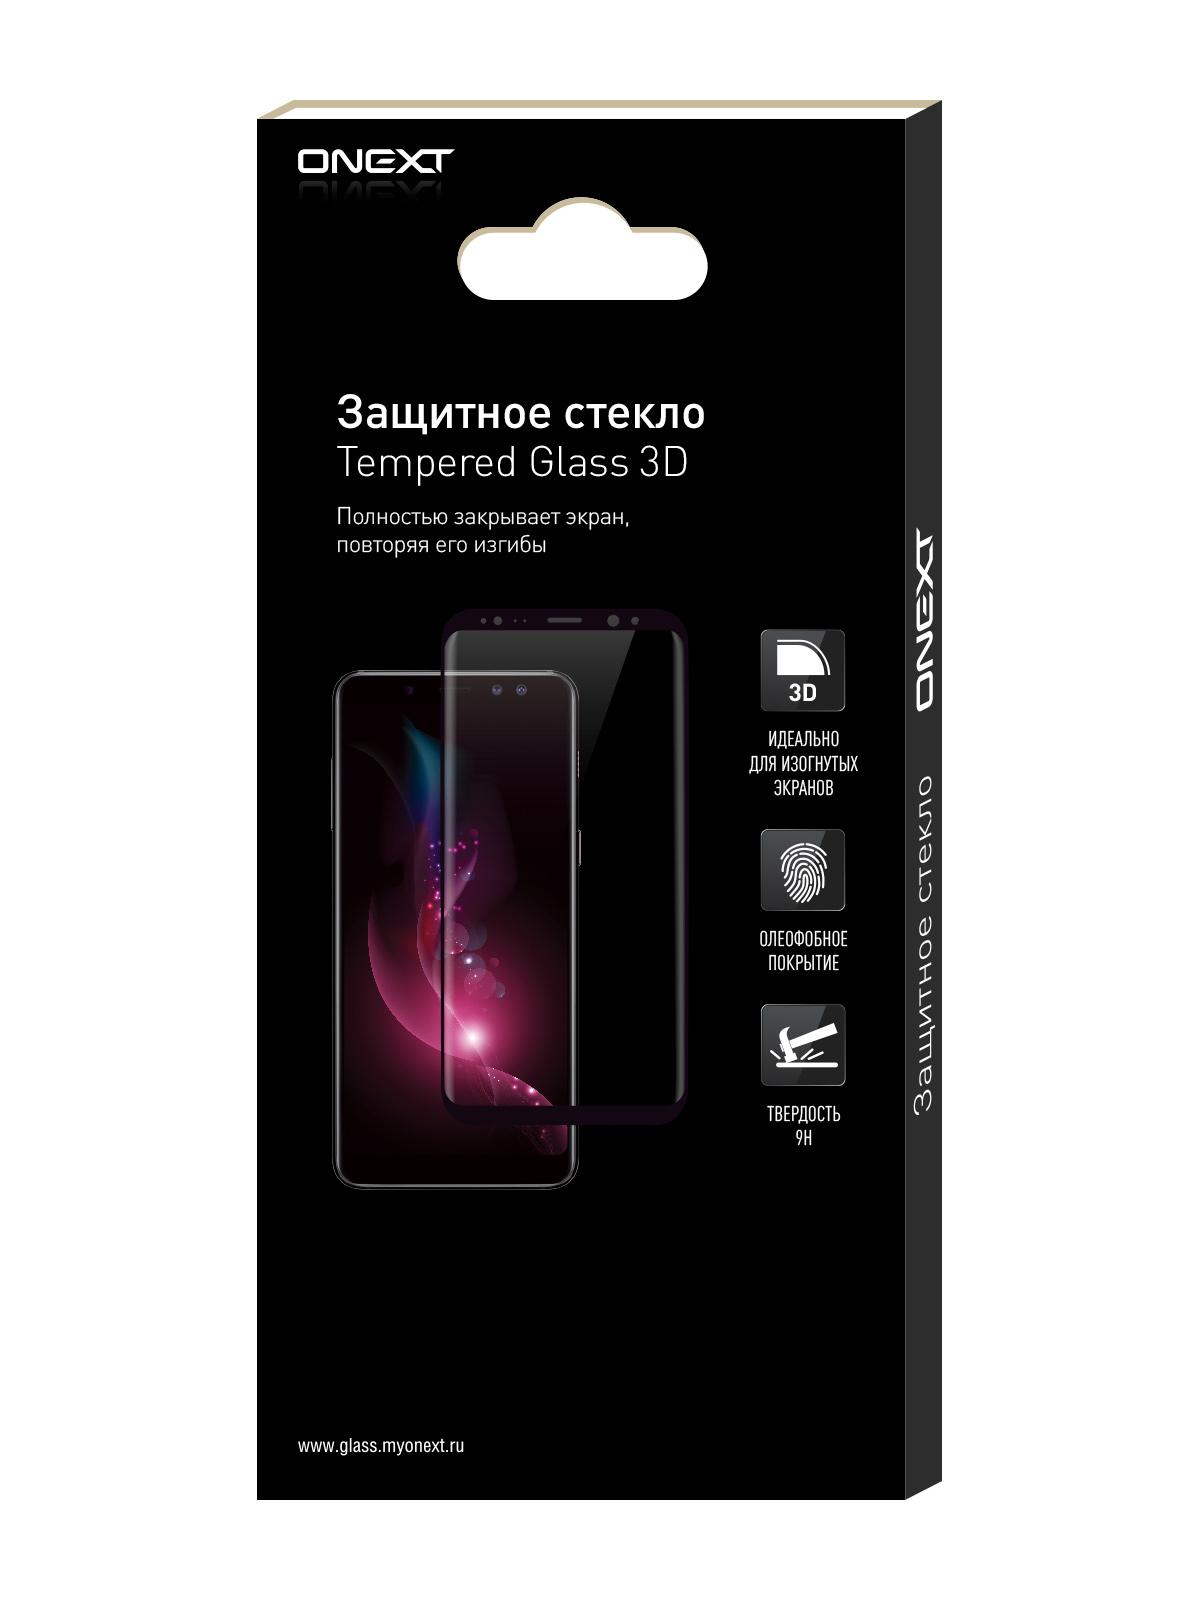 Защитное стекло ONEXT для Nokia 2.1 Black